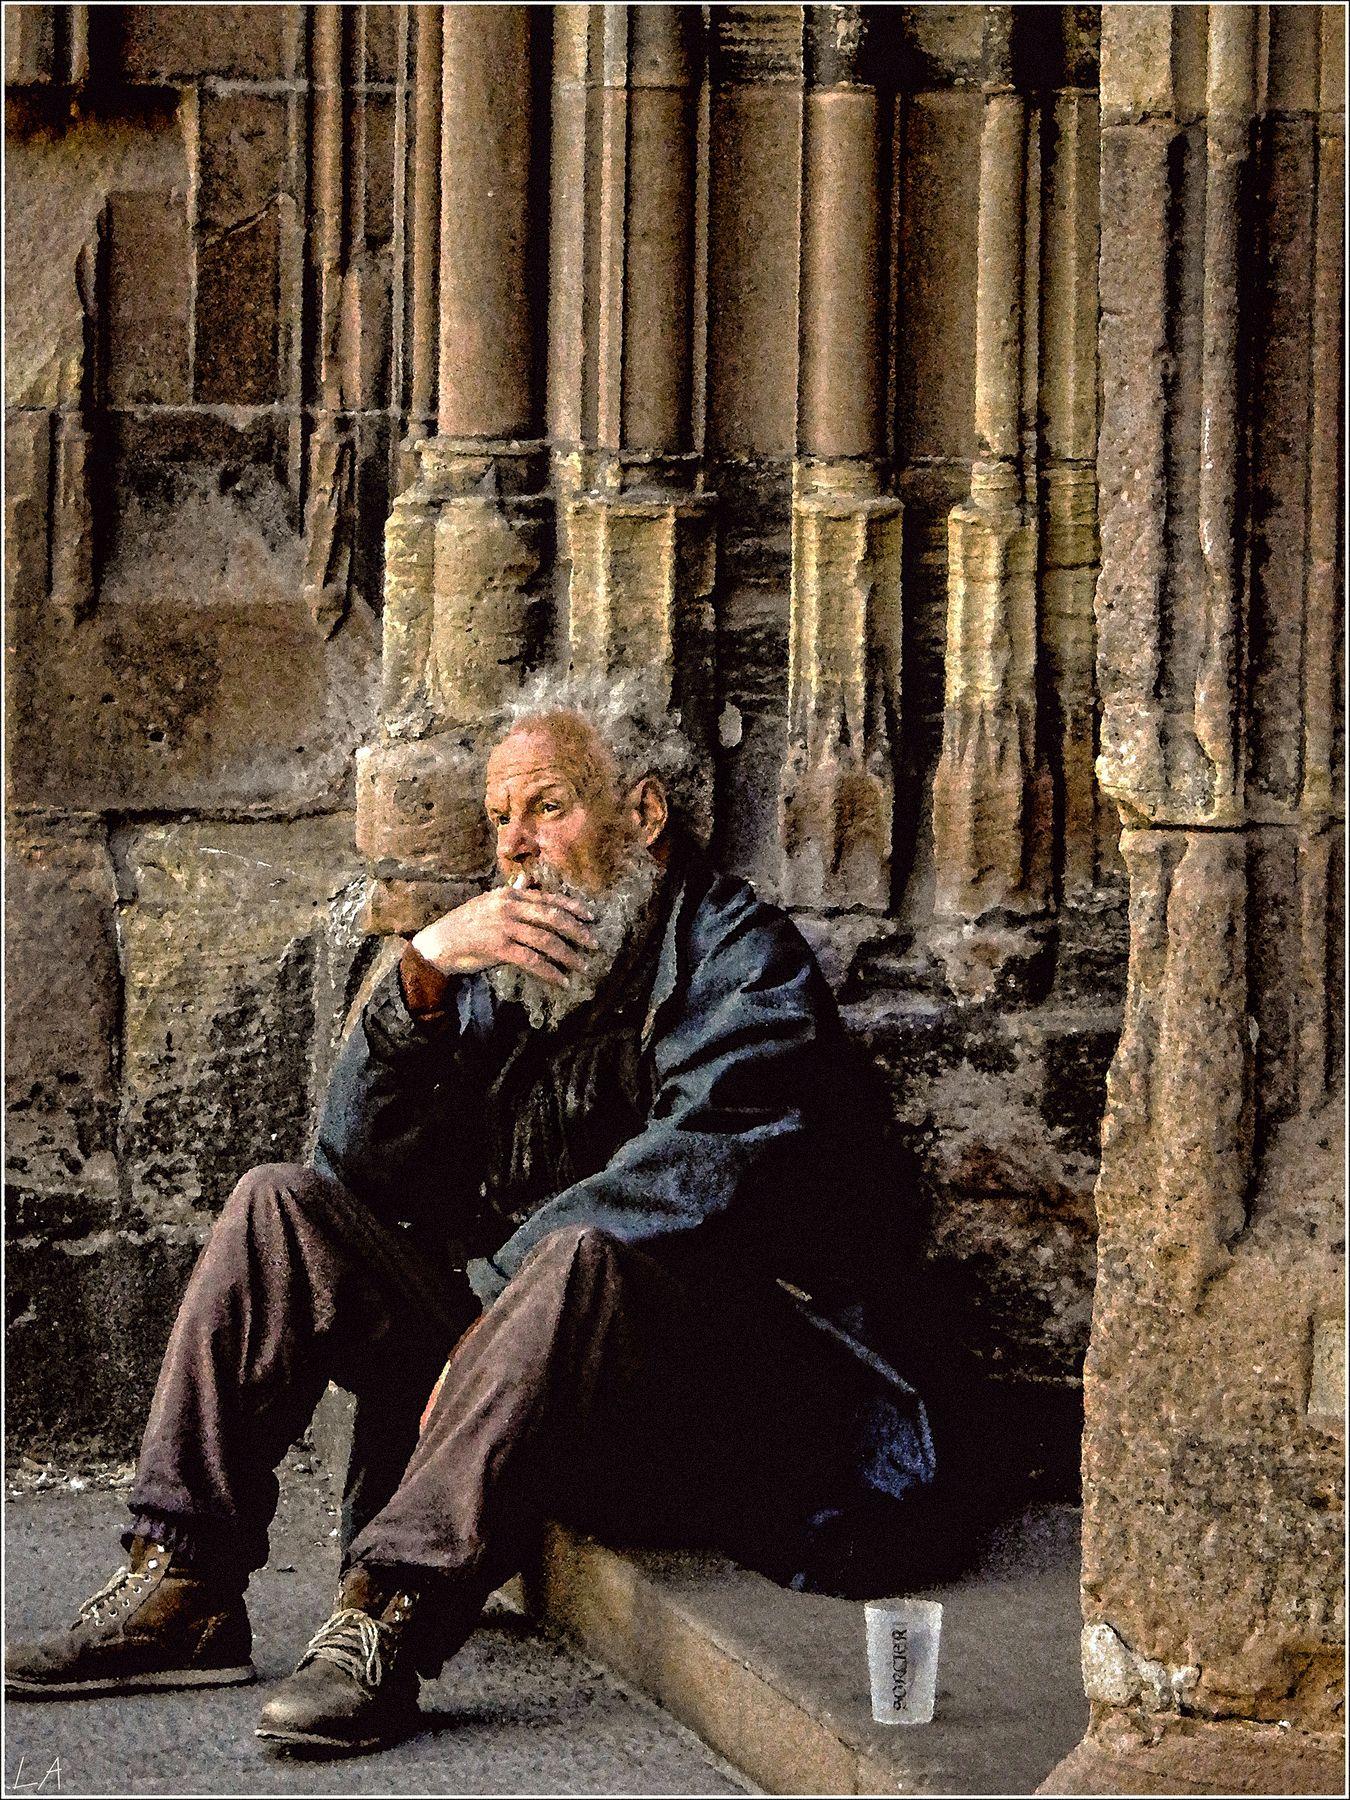 *... О бытие* фотография путешествие Франция Страсбург портрет жанр костел Нотр Дам Фото.Сайт Photo.Sight Lihgra Adventure Светлана Мамакина